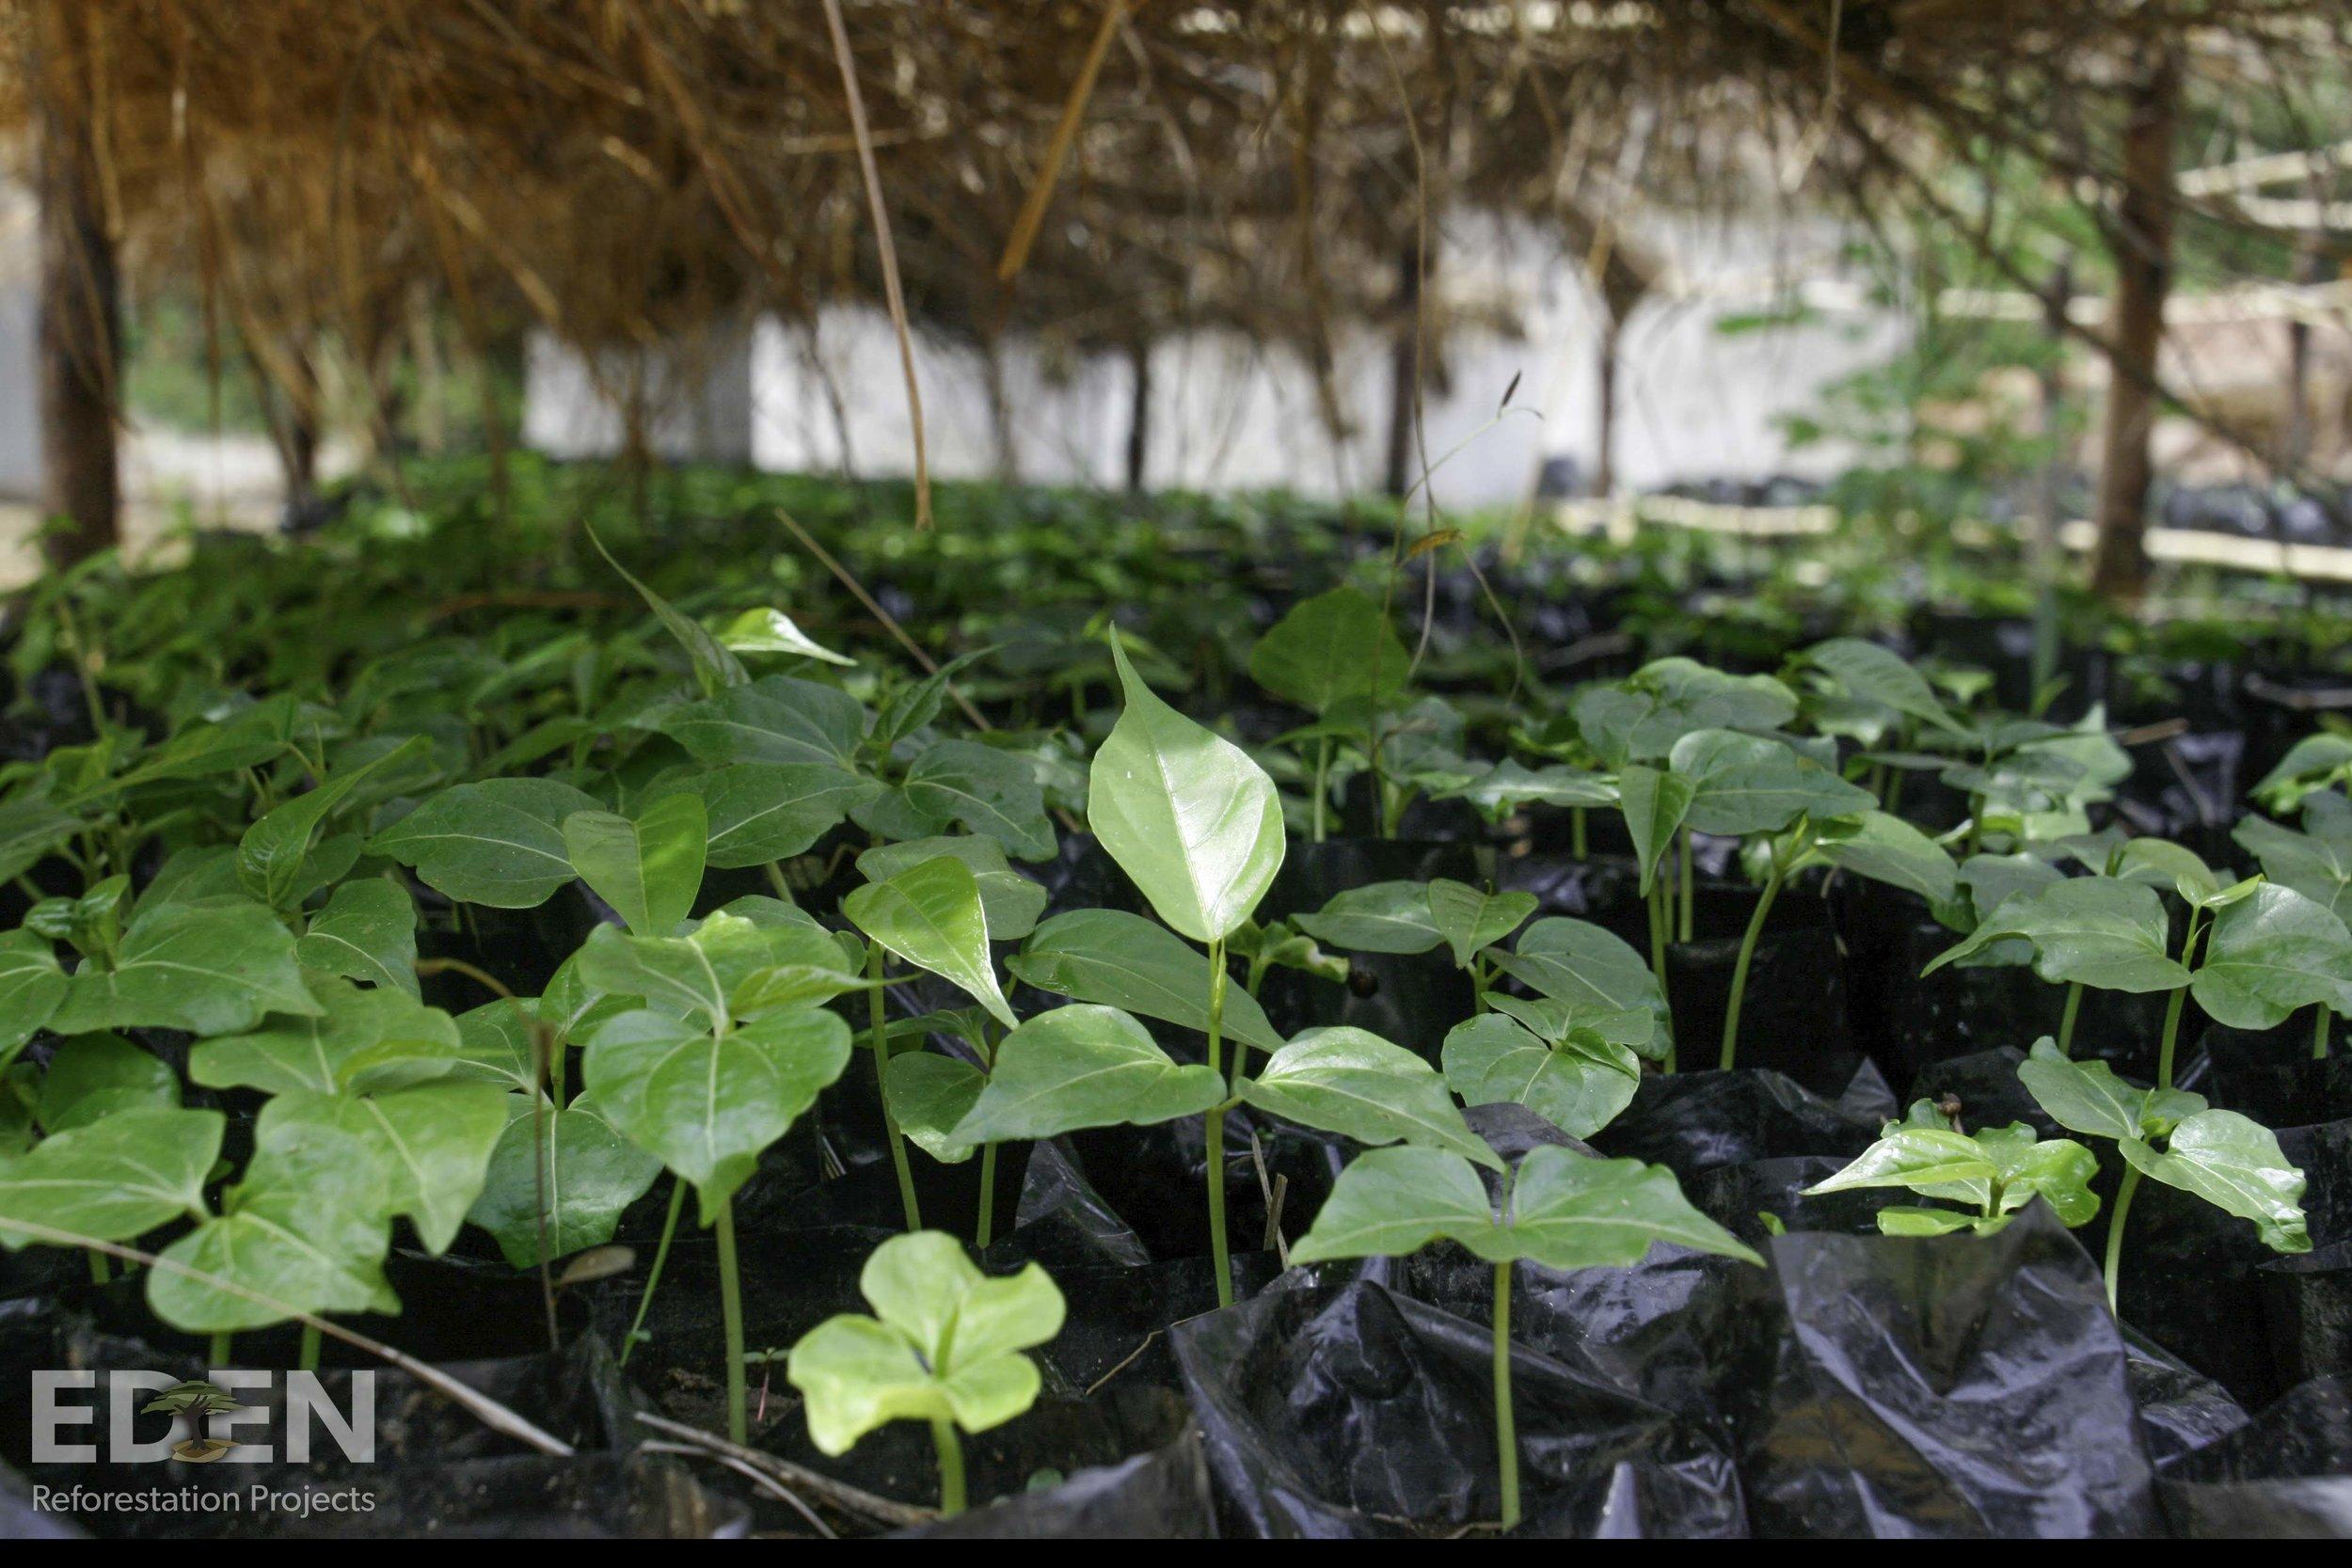 Madagascar_2012_Seedlings in nursery 1.jpg